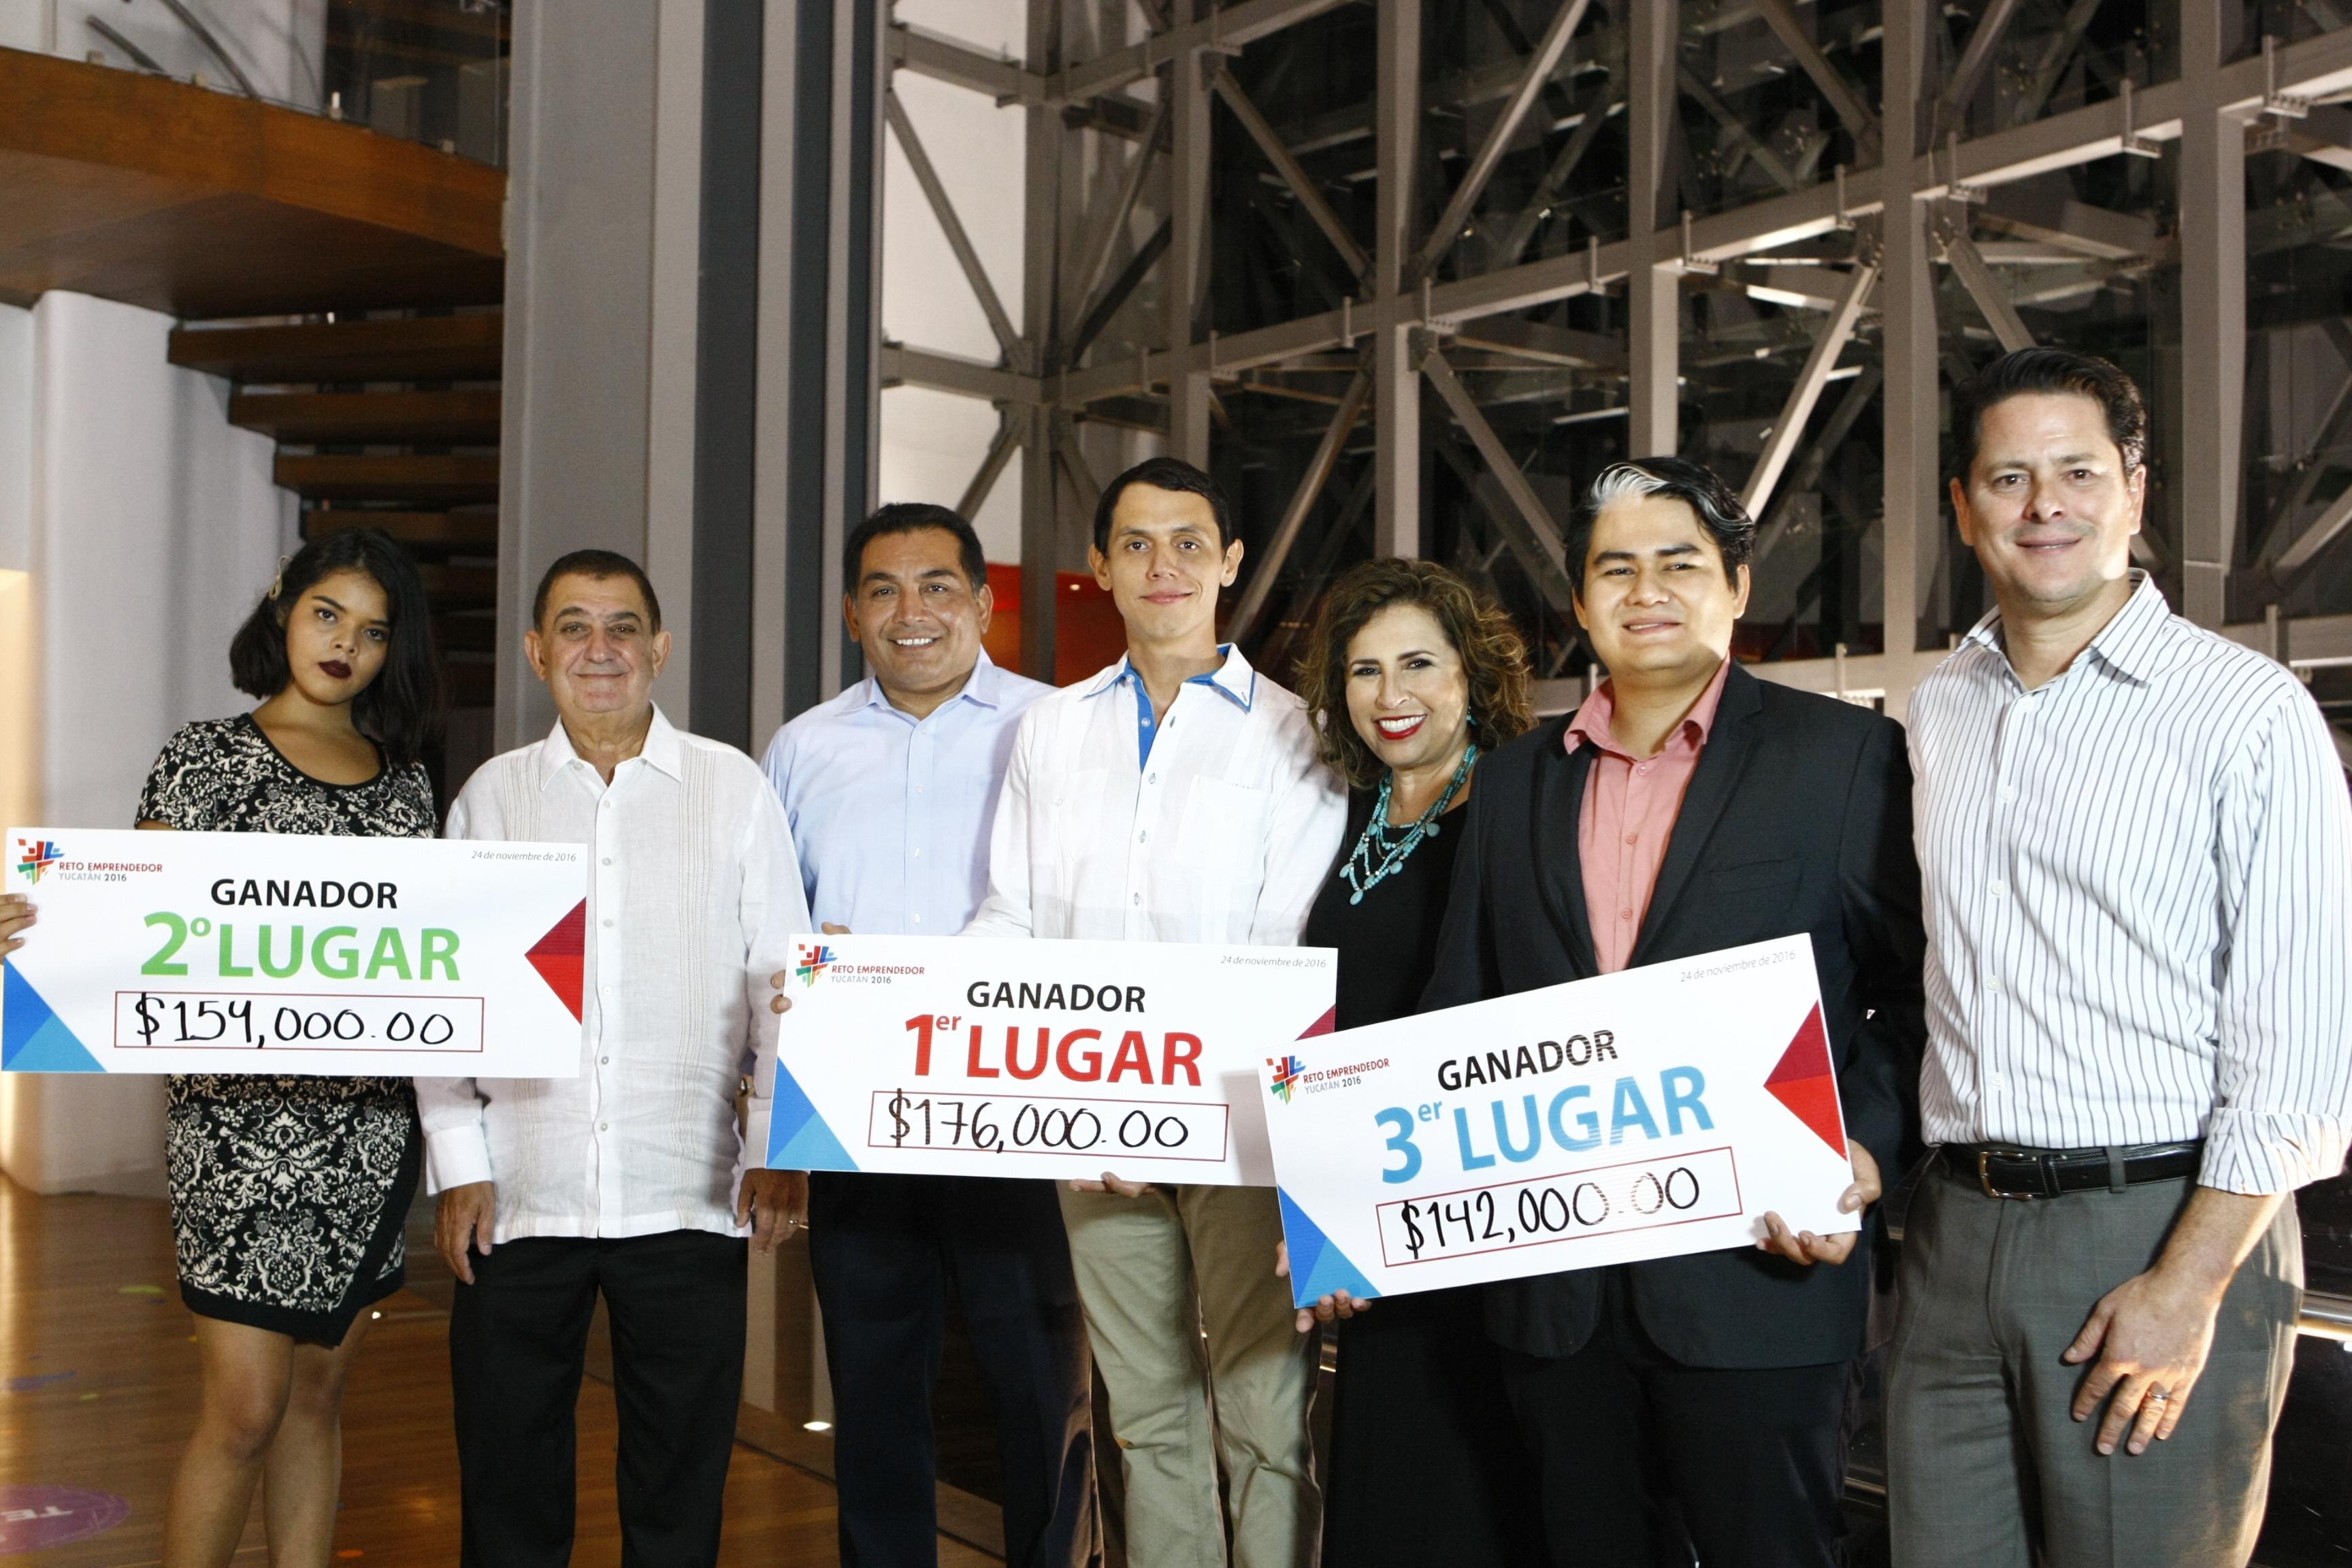 Emprendimiento impulsa desarrollo social y económicode Yucatán